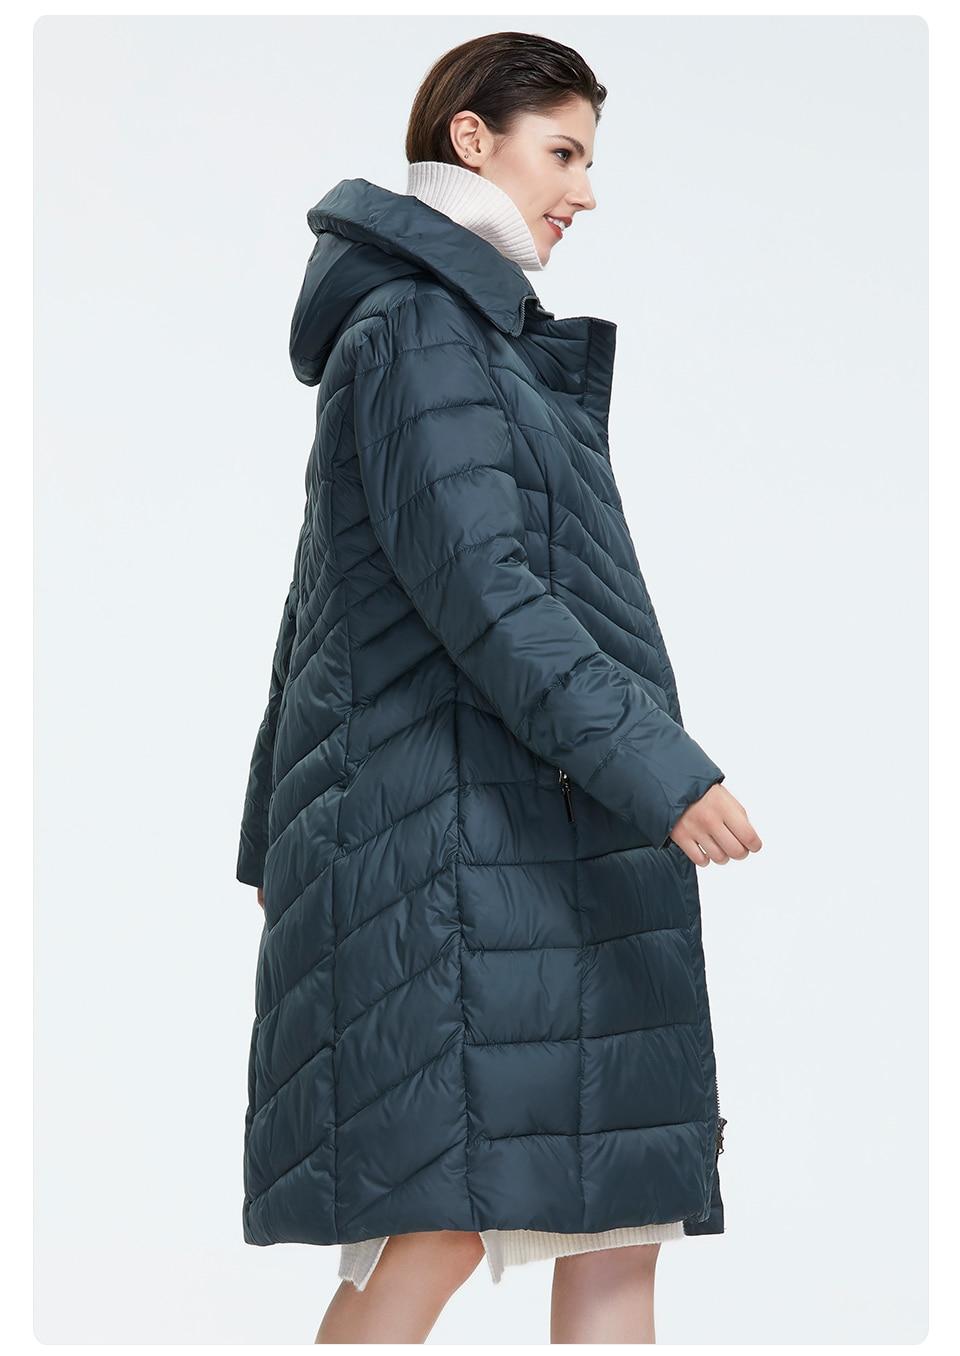 slim jacket (10)